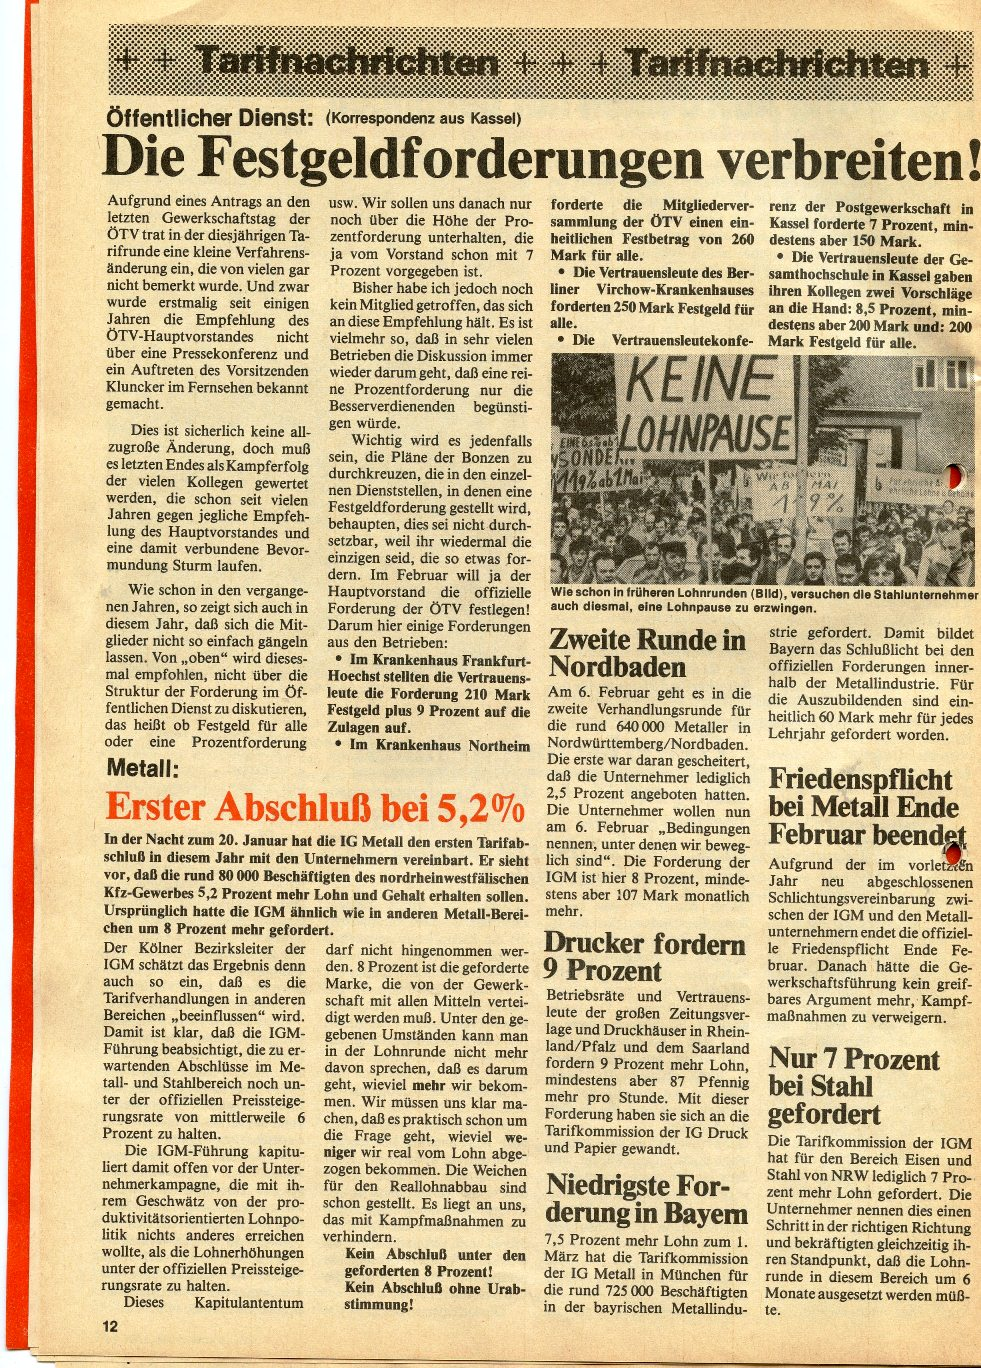 RGO_RGO_Nachrichten_1981_02_12